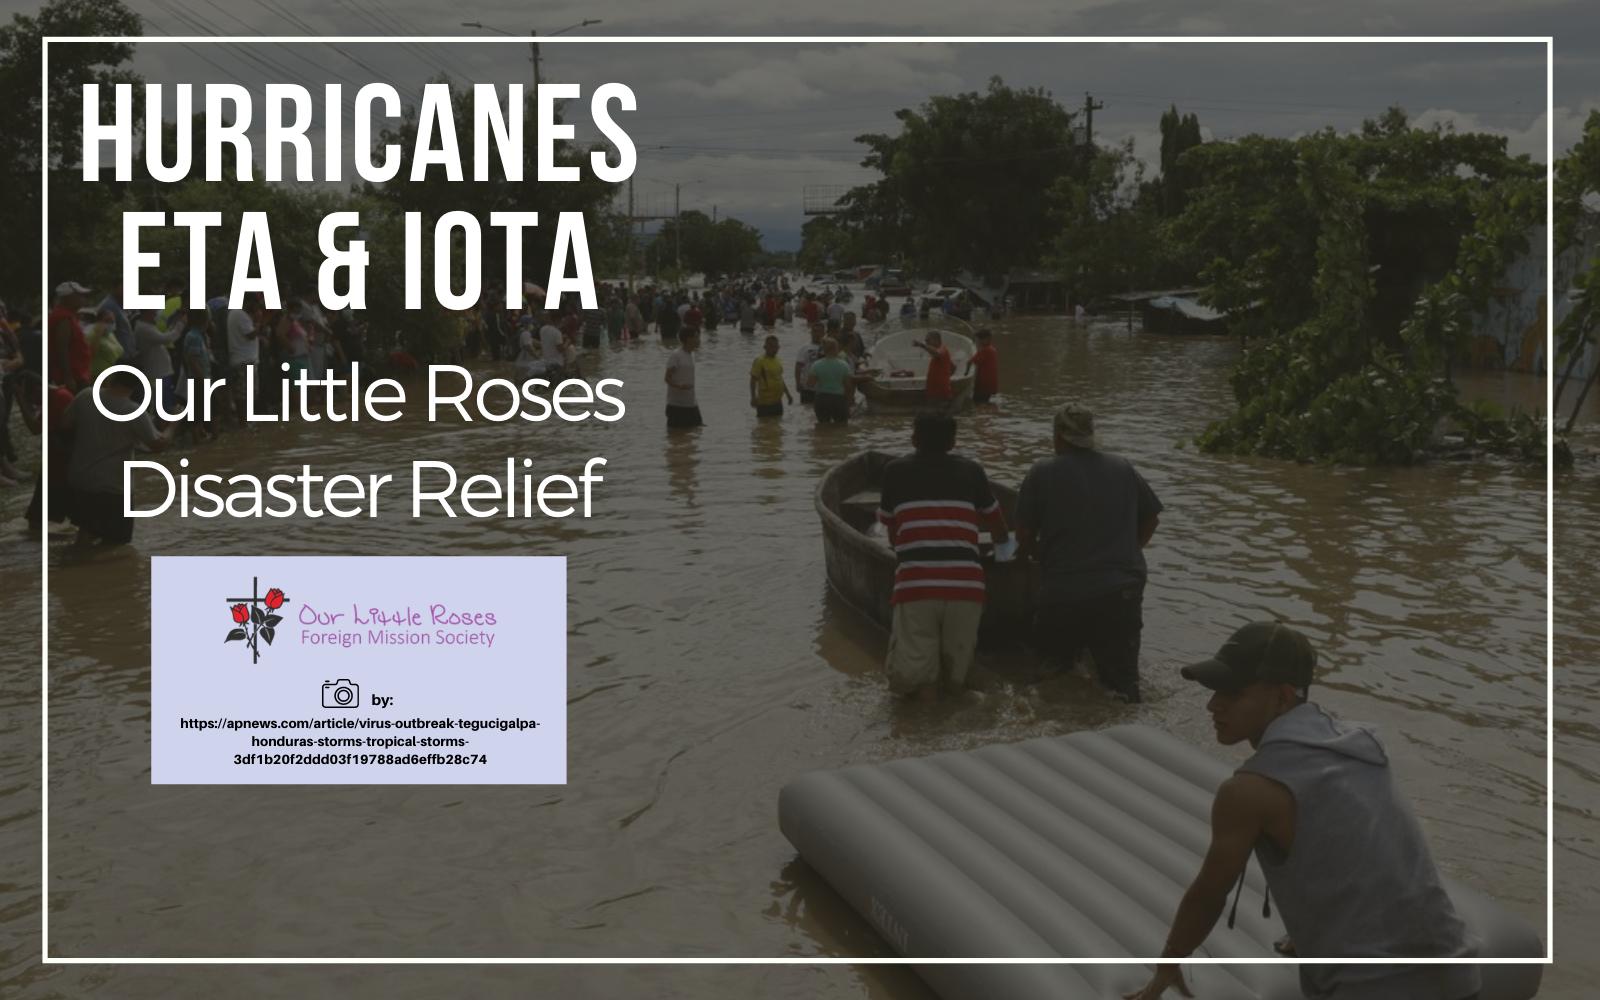 Our Little Roses Hurricanes Eta & Iota Relief image